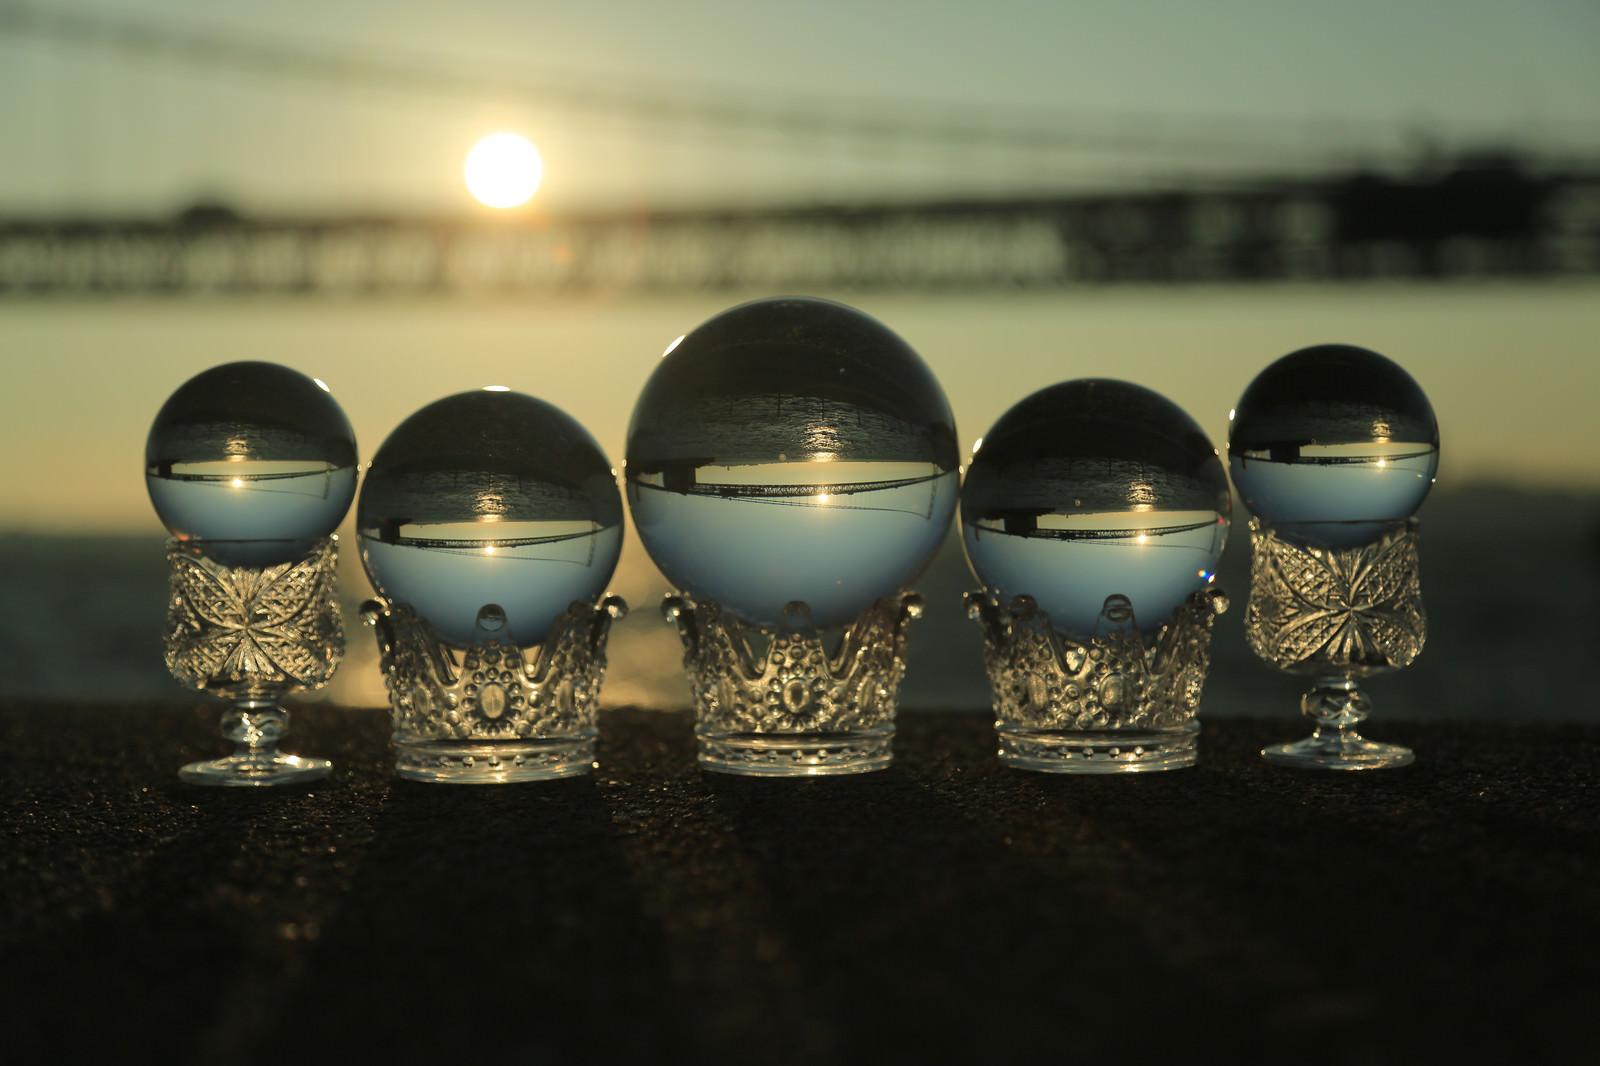 「並んだ水晶越しに見る橋」の写真